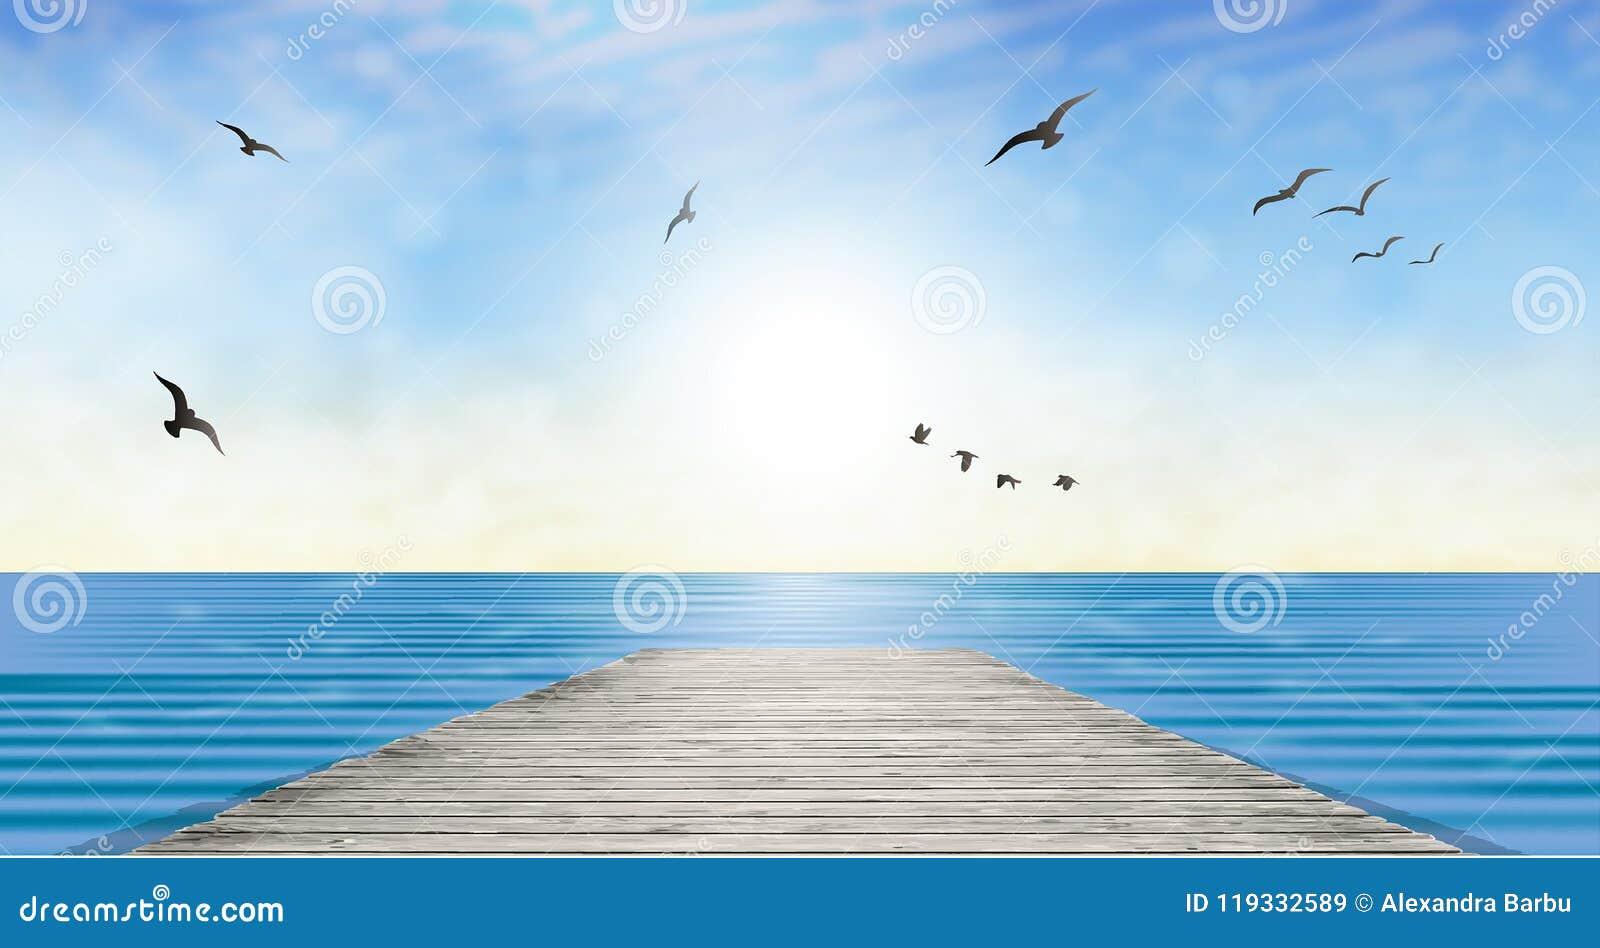 Sun over water horizon landscape wallpaper stock vector download sun over water horizon landscape wallpaper stock vector illustration of holiday emotion altavistaventures Gallery